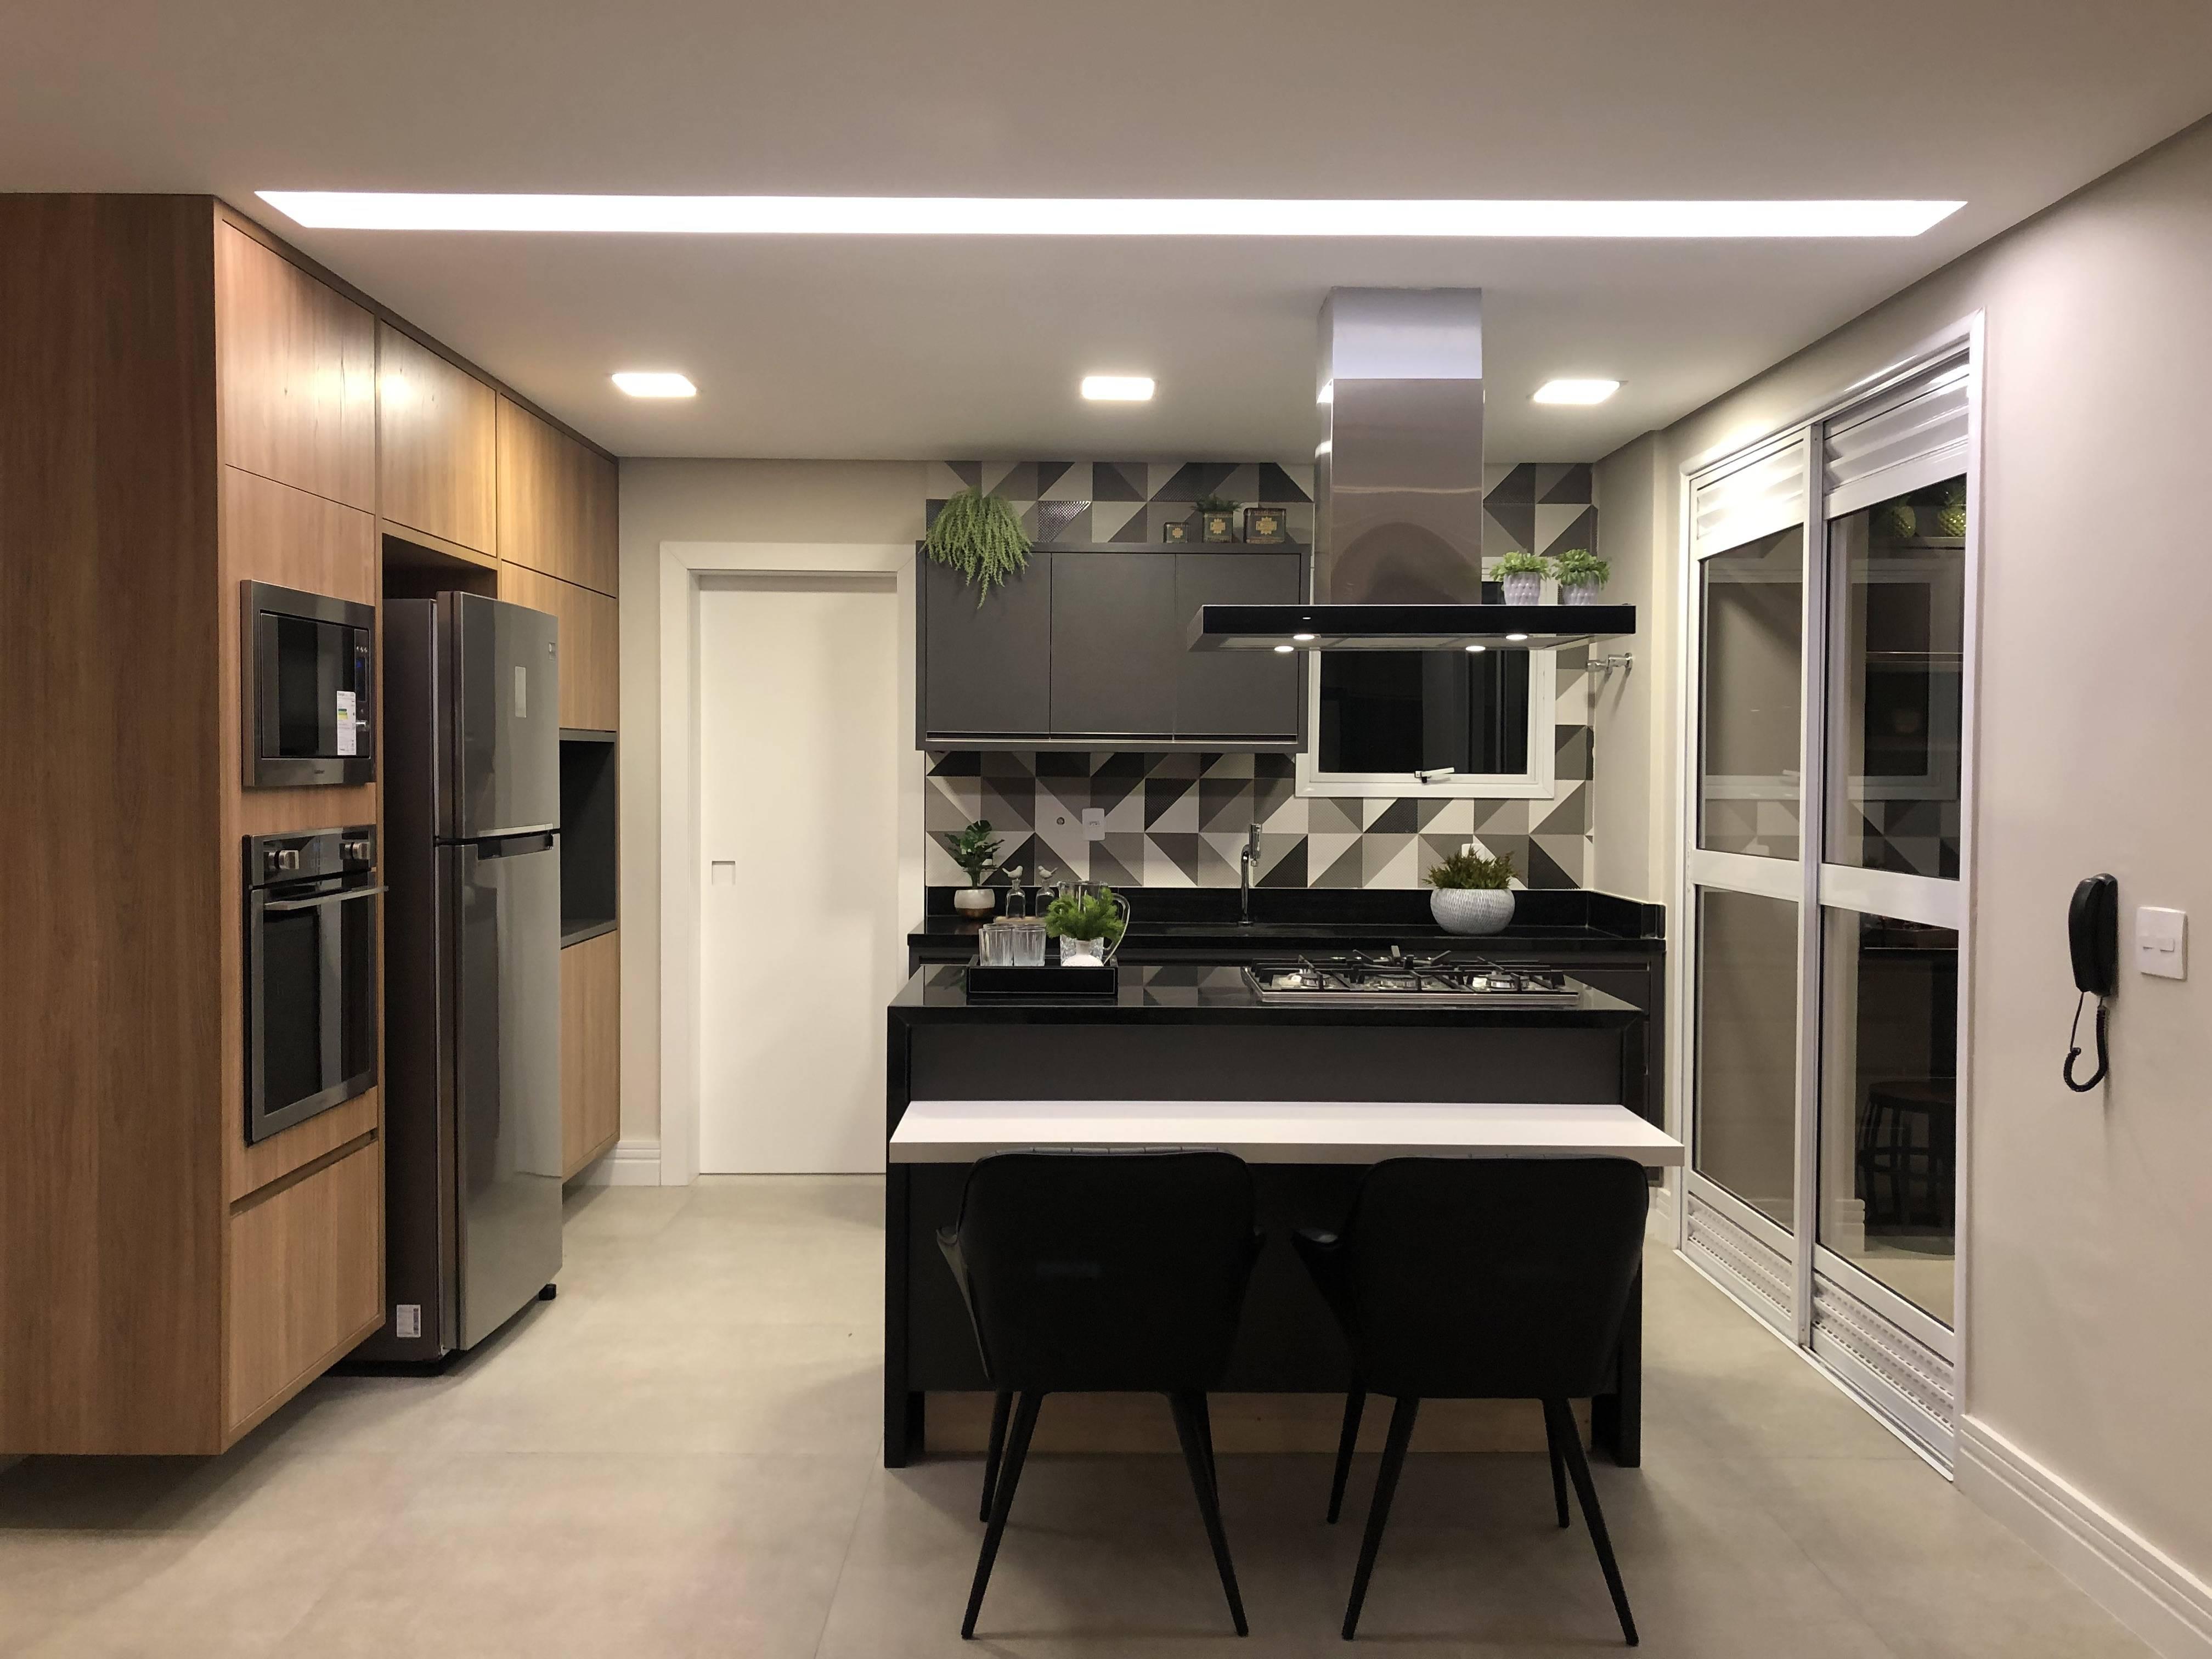 www.juicysantos.com.br - arquiteta em santos taed arquitetura projeto de cozinha integrada